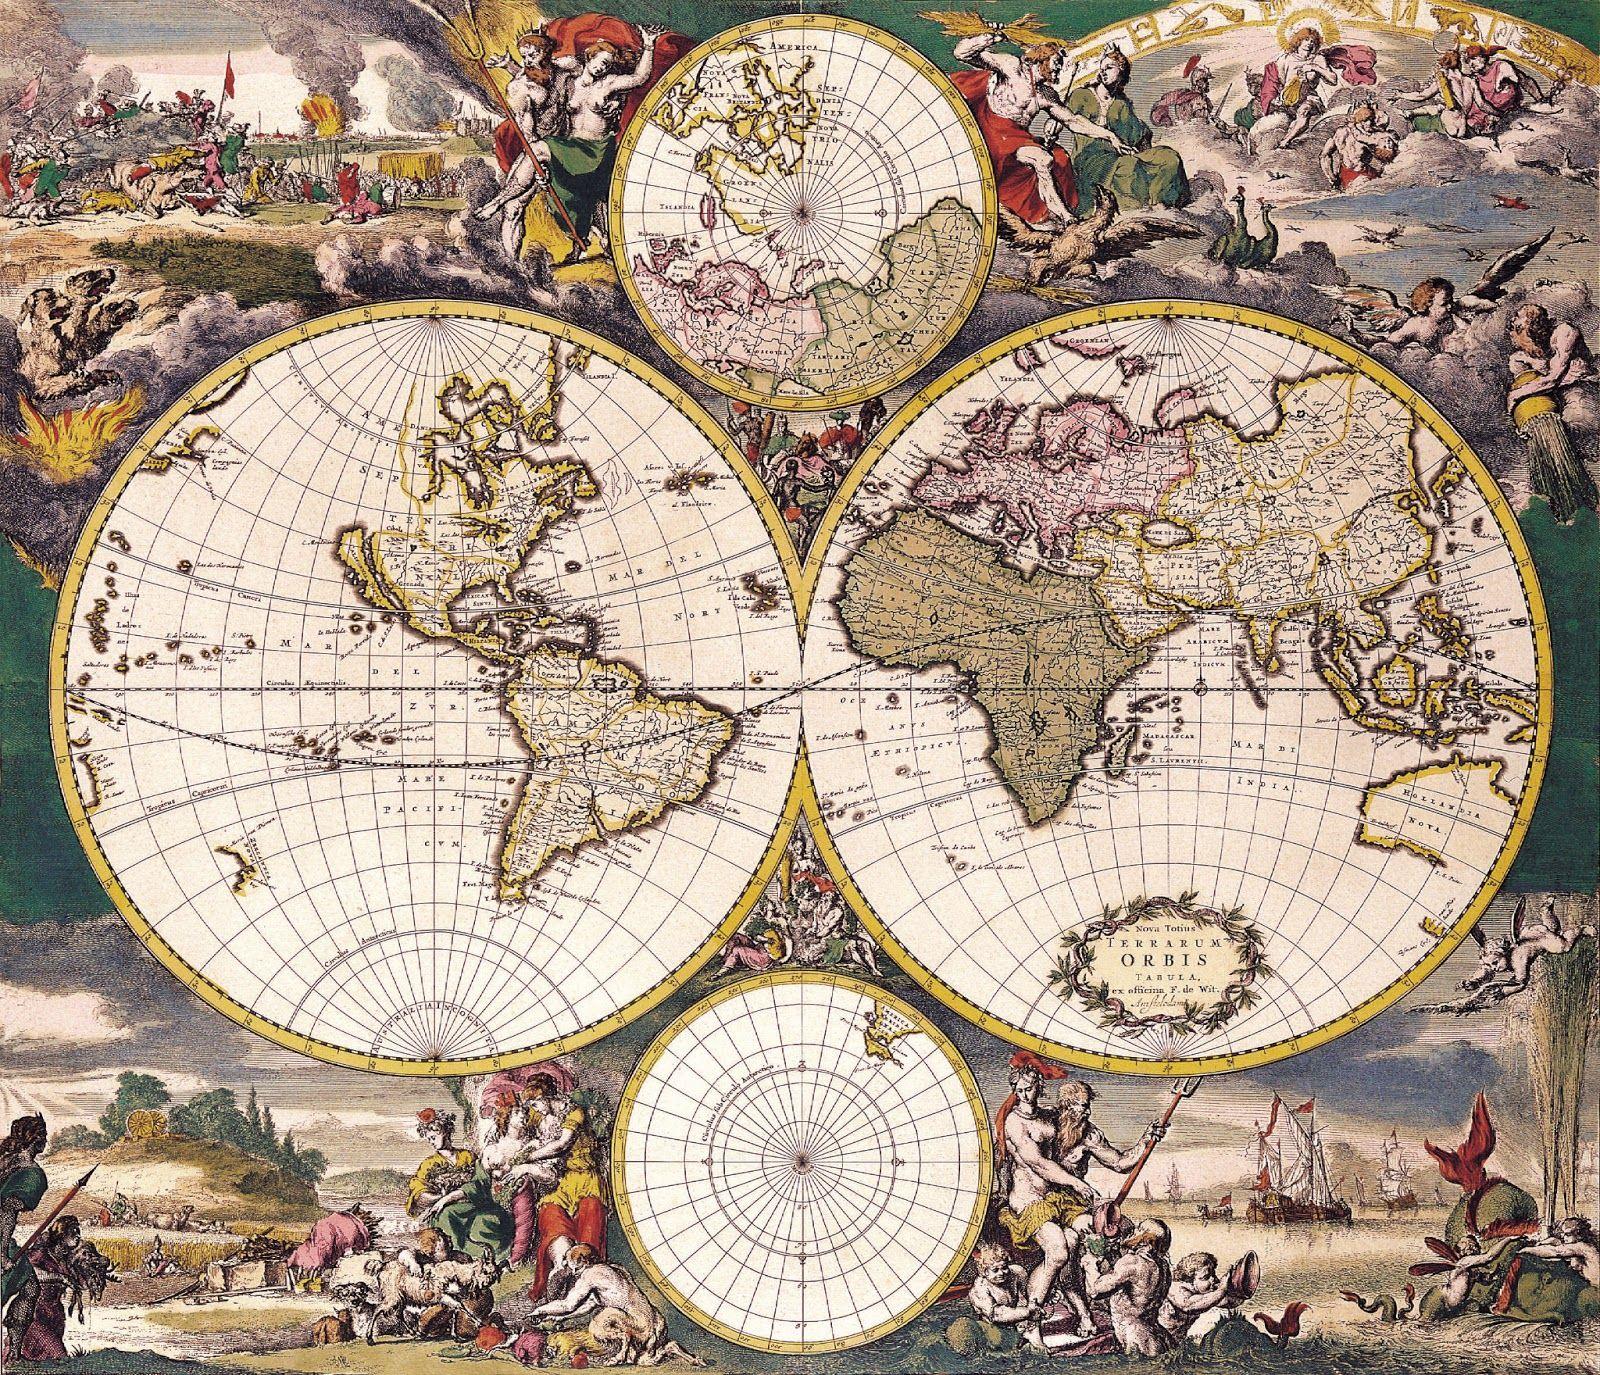 Explore Antique Maps Vintage Maps and more